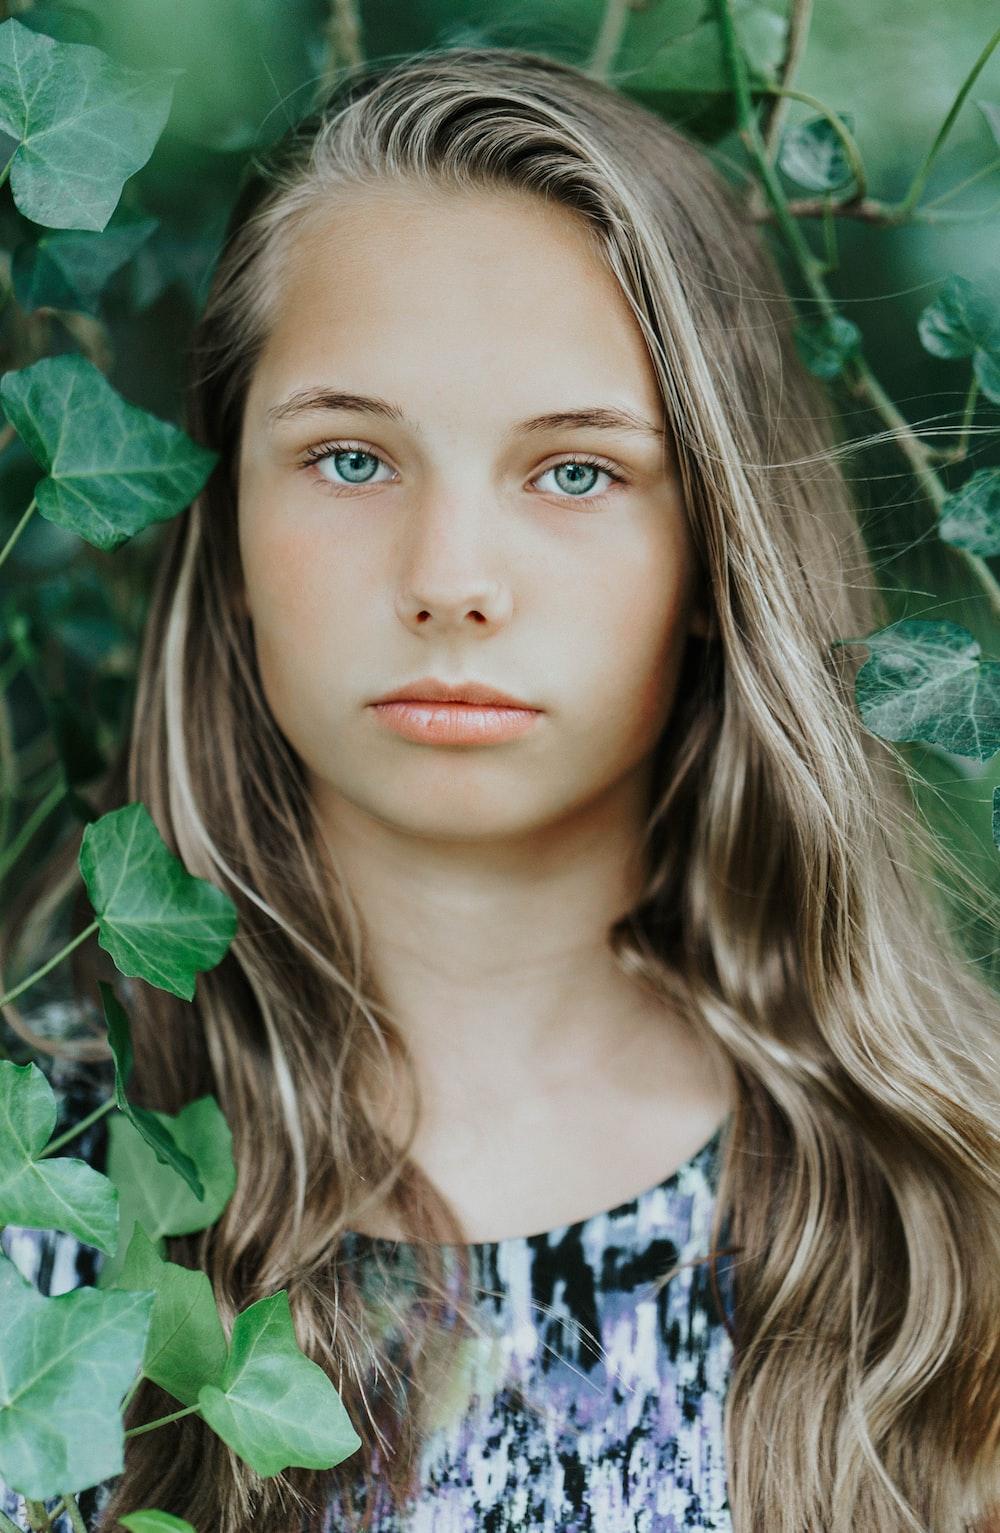 girl behind green vines